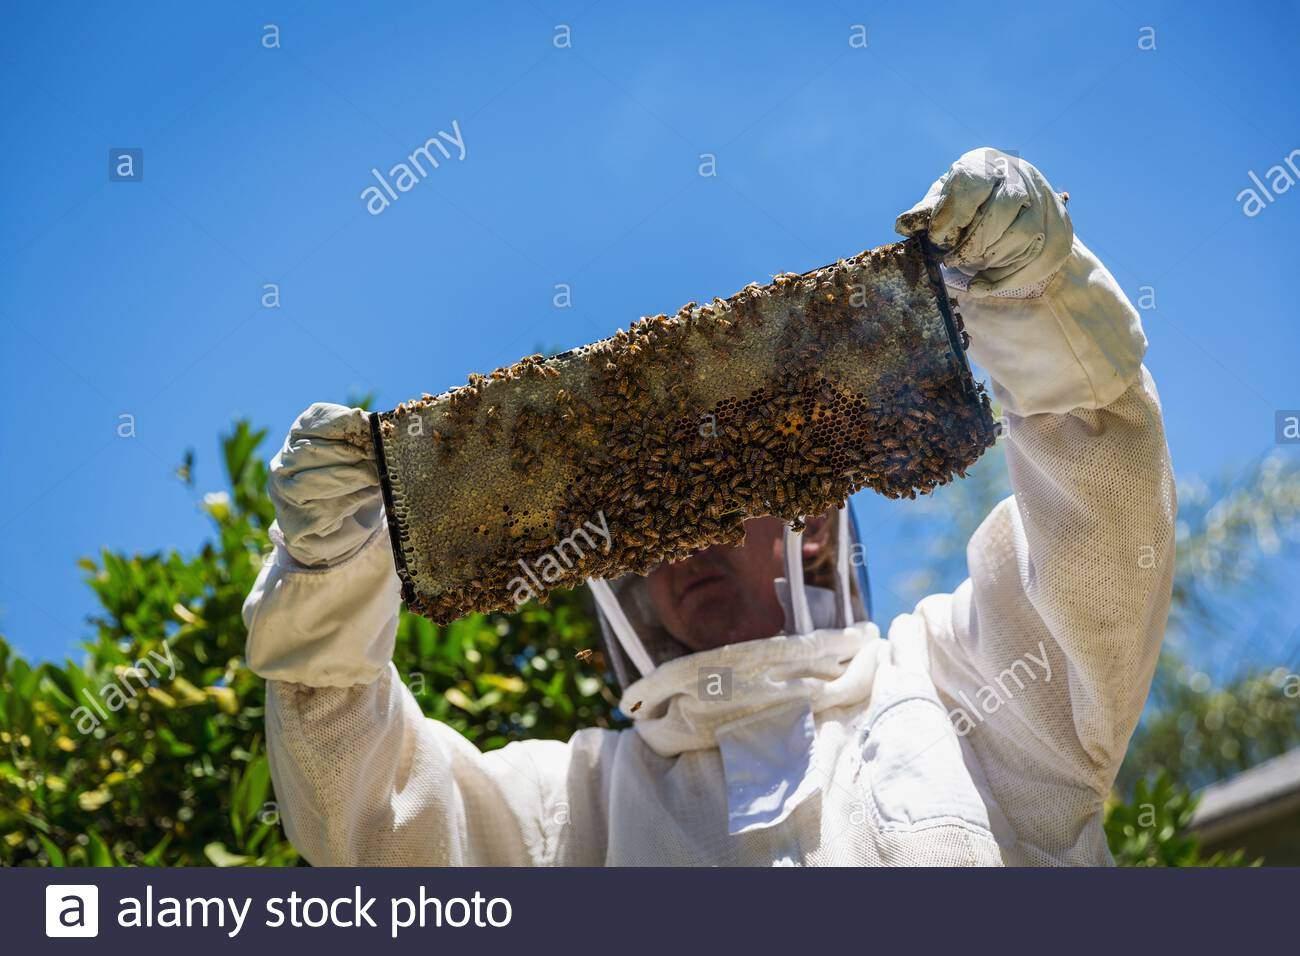 imker mit einem honig frame in bienen bedeckt 2ae0c7d